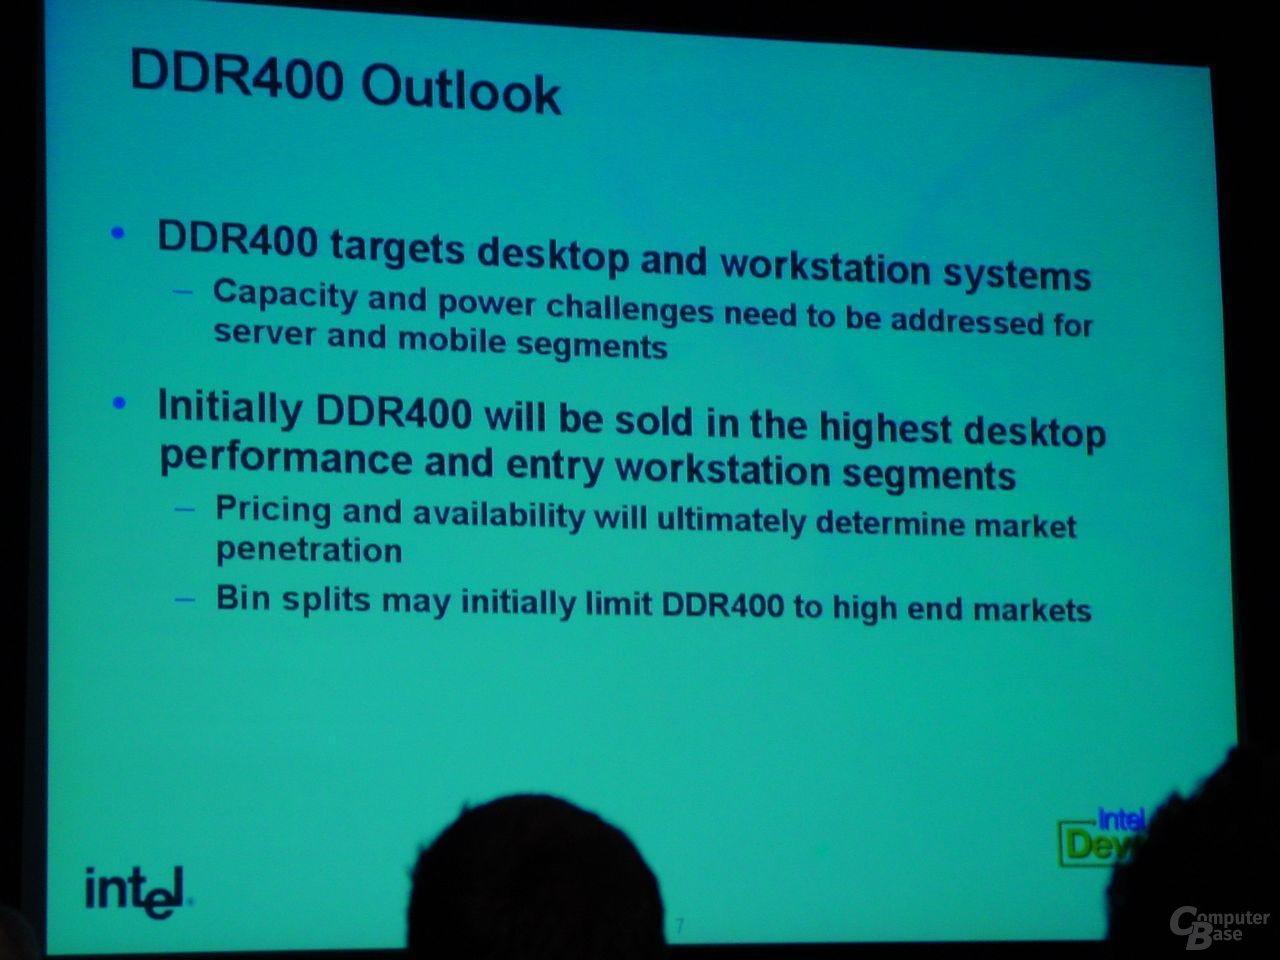 DDR400 Ziele